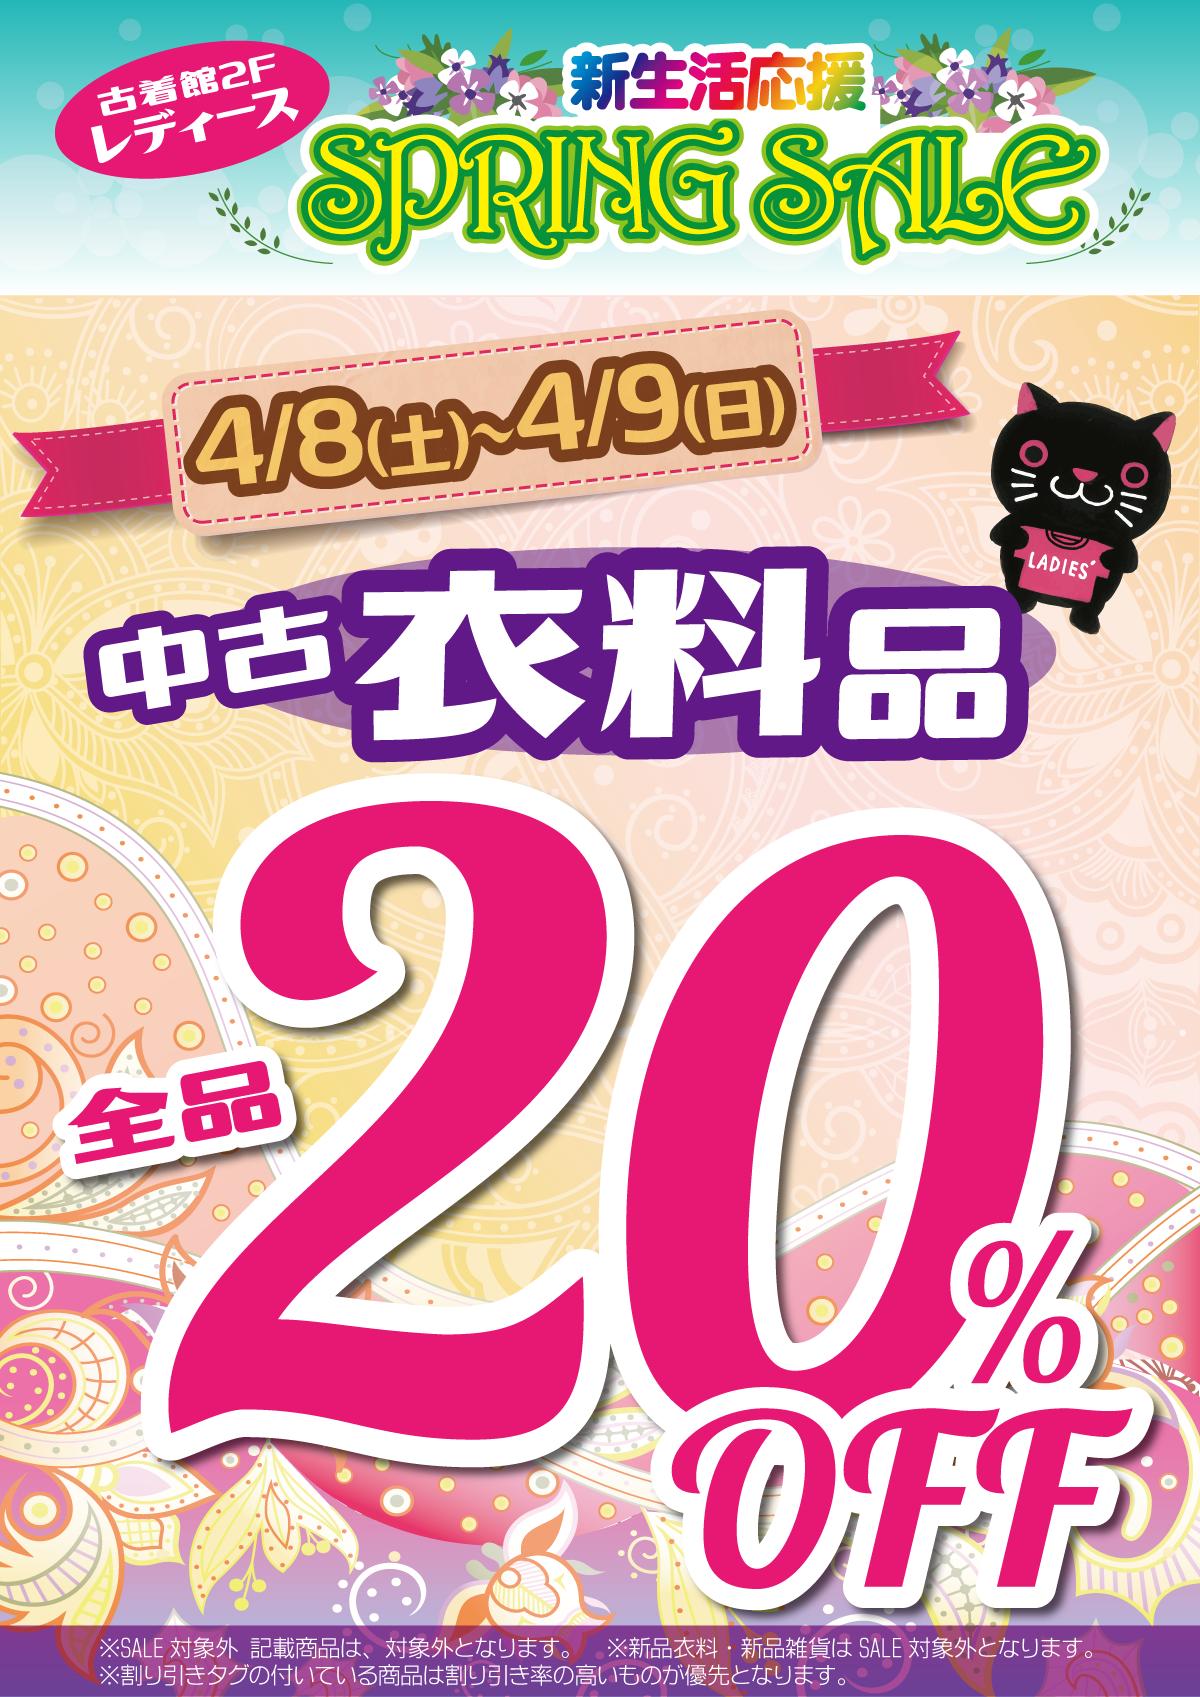 「開放倉庫山城店」2017年4月8日、9日の土日2日間は、レディース中古衣料品が全品20%オフ!!